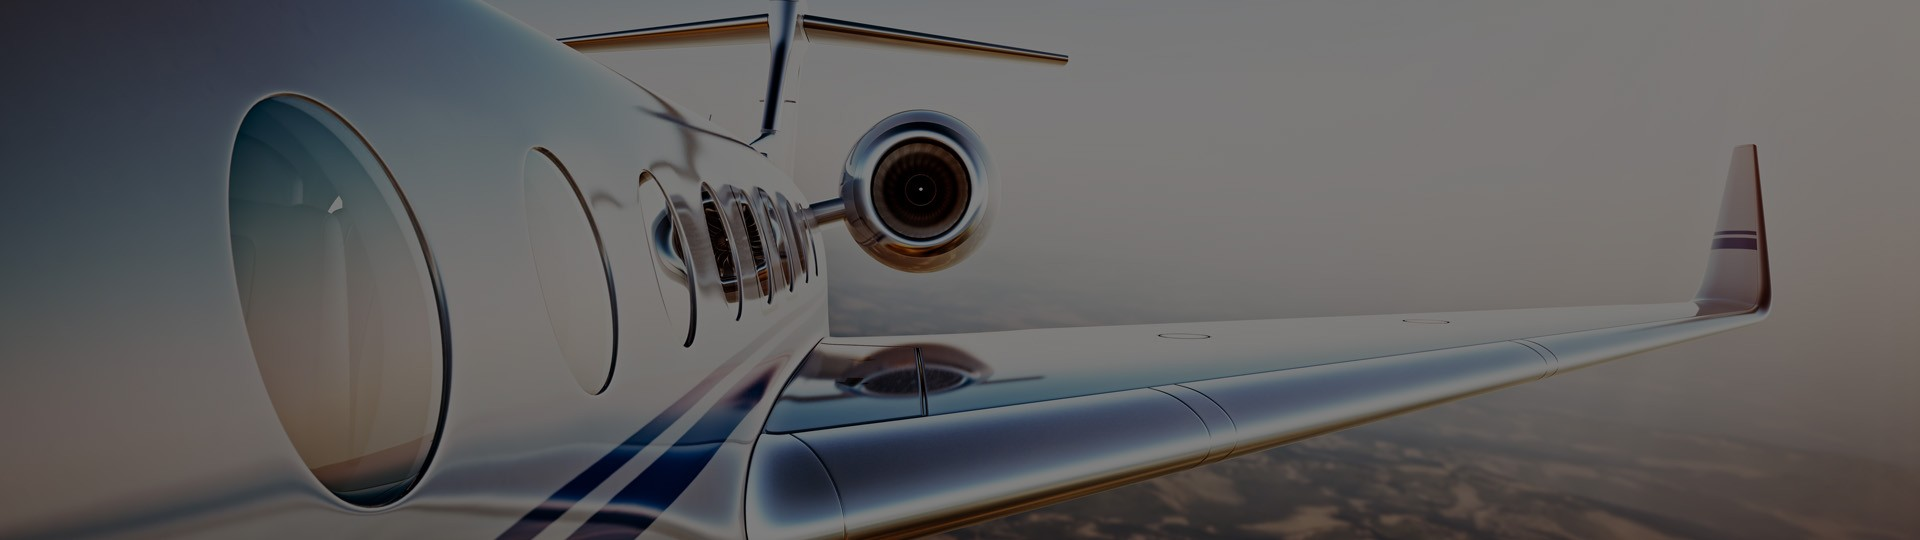 Enlace salida_vuelos privados.jpg